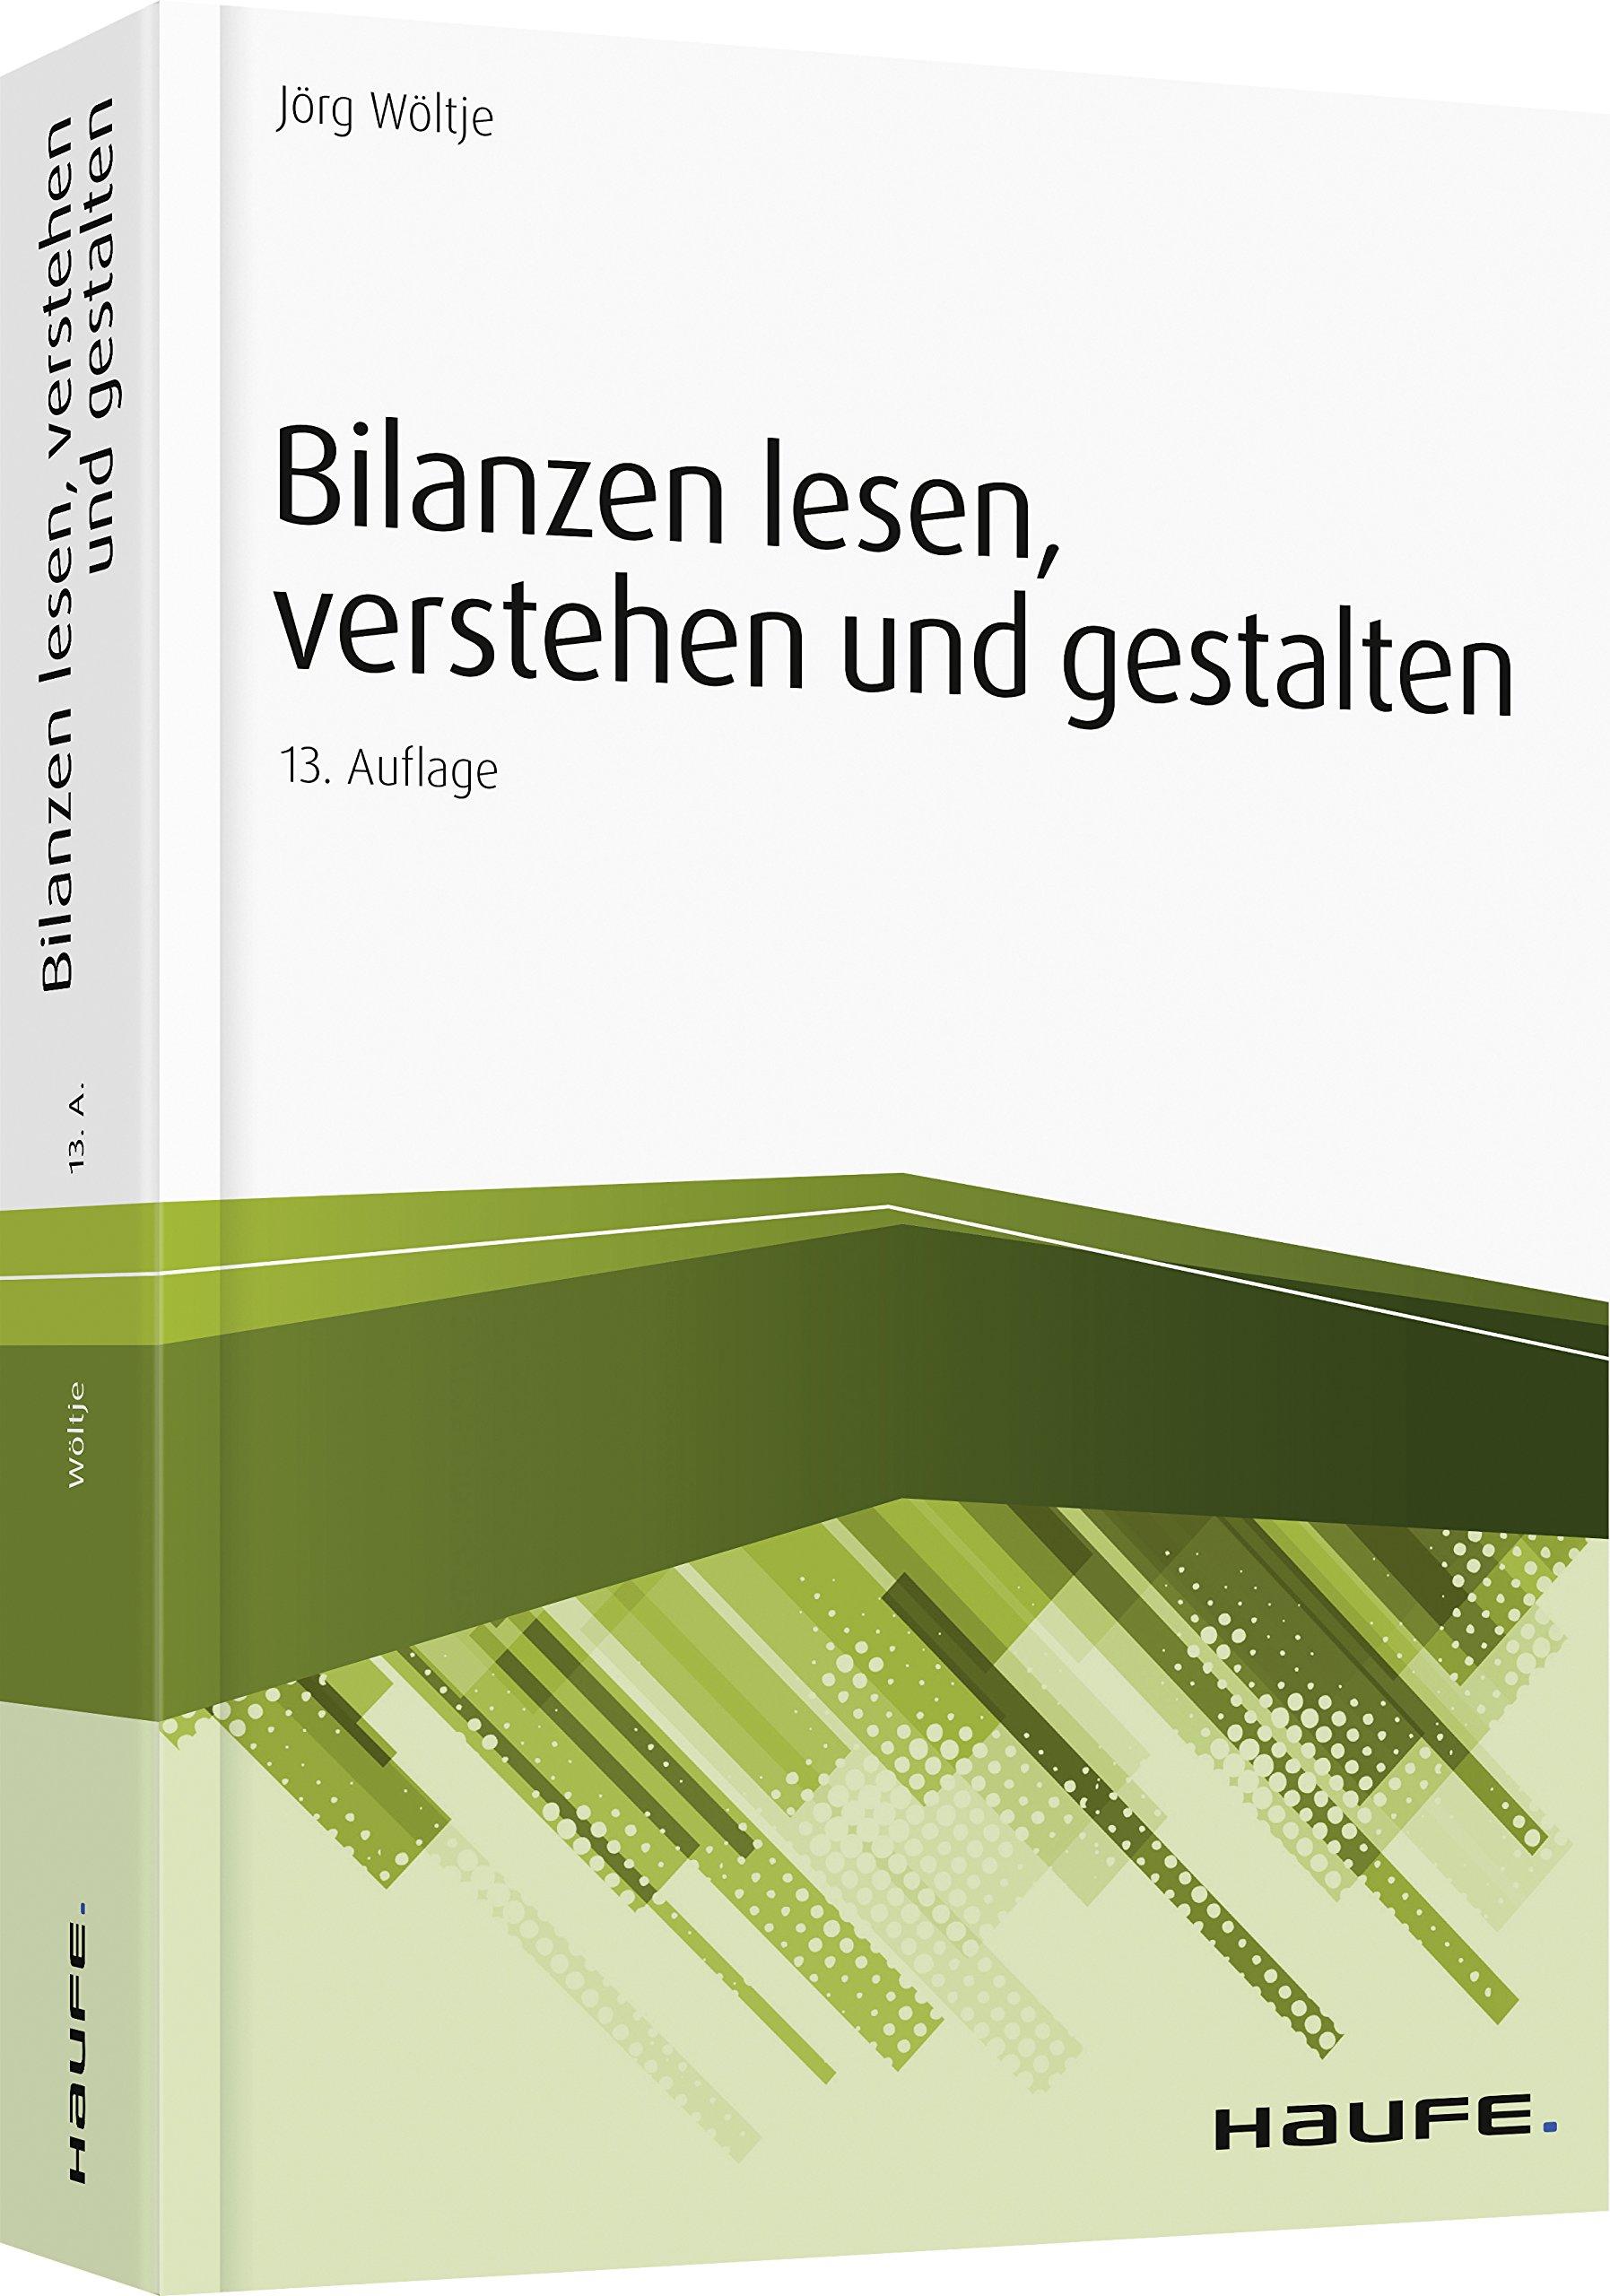 Bilanzen lesen, verstehen und gestalten (Haufe Fachbuch) Taschenbuch – 27. August 2018 Jörg Wöltje 3648108743 Betriebswirtschaft für die Hochschulausbildung